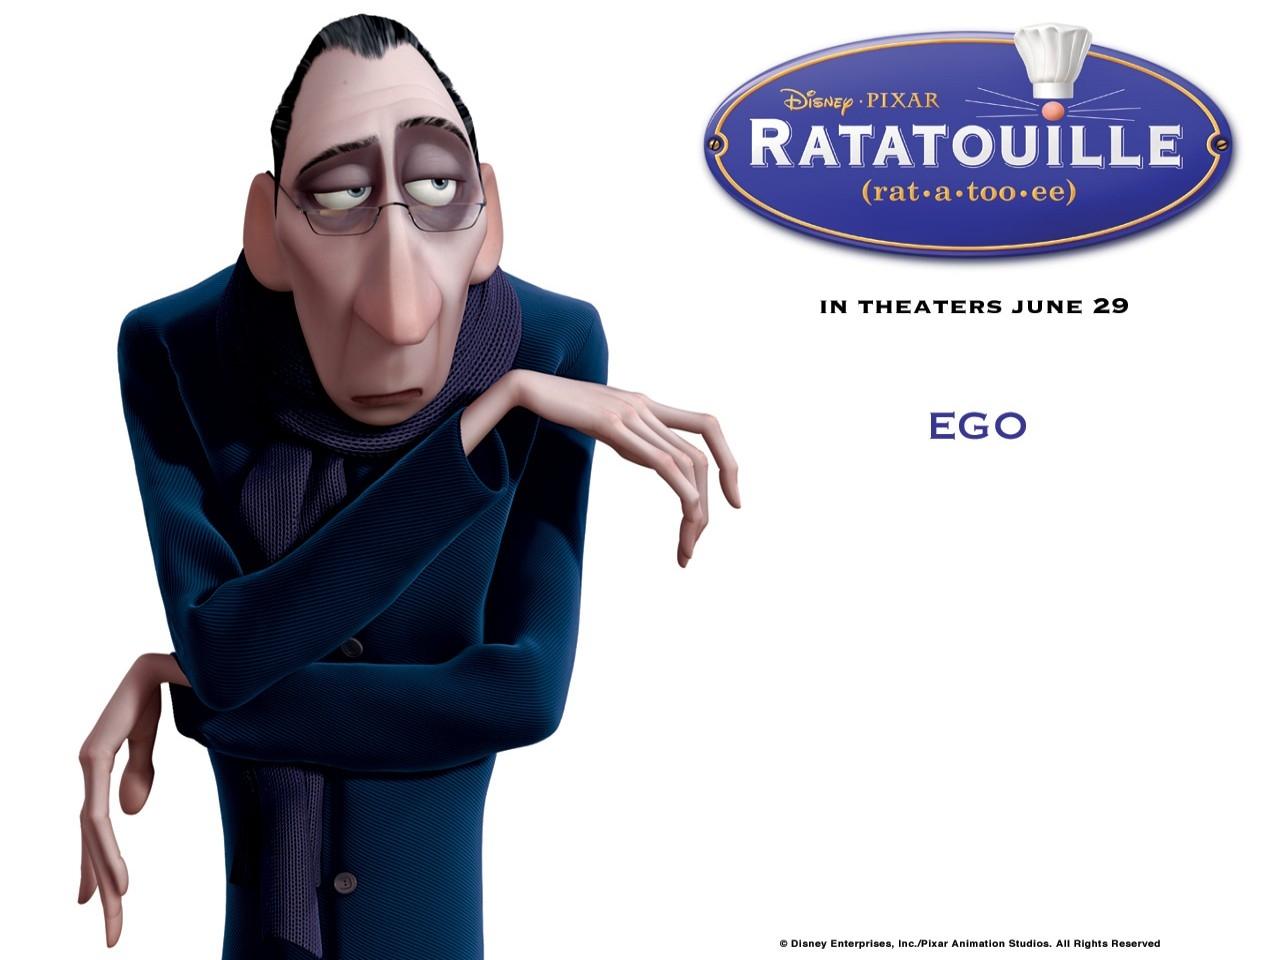 Wallpaper del film Ratatouille con il critico culinario Anton Ego